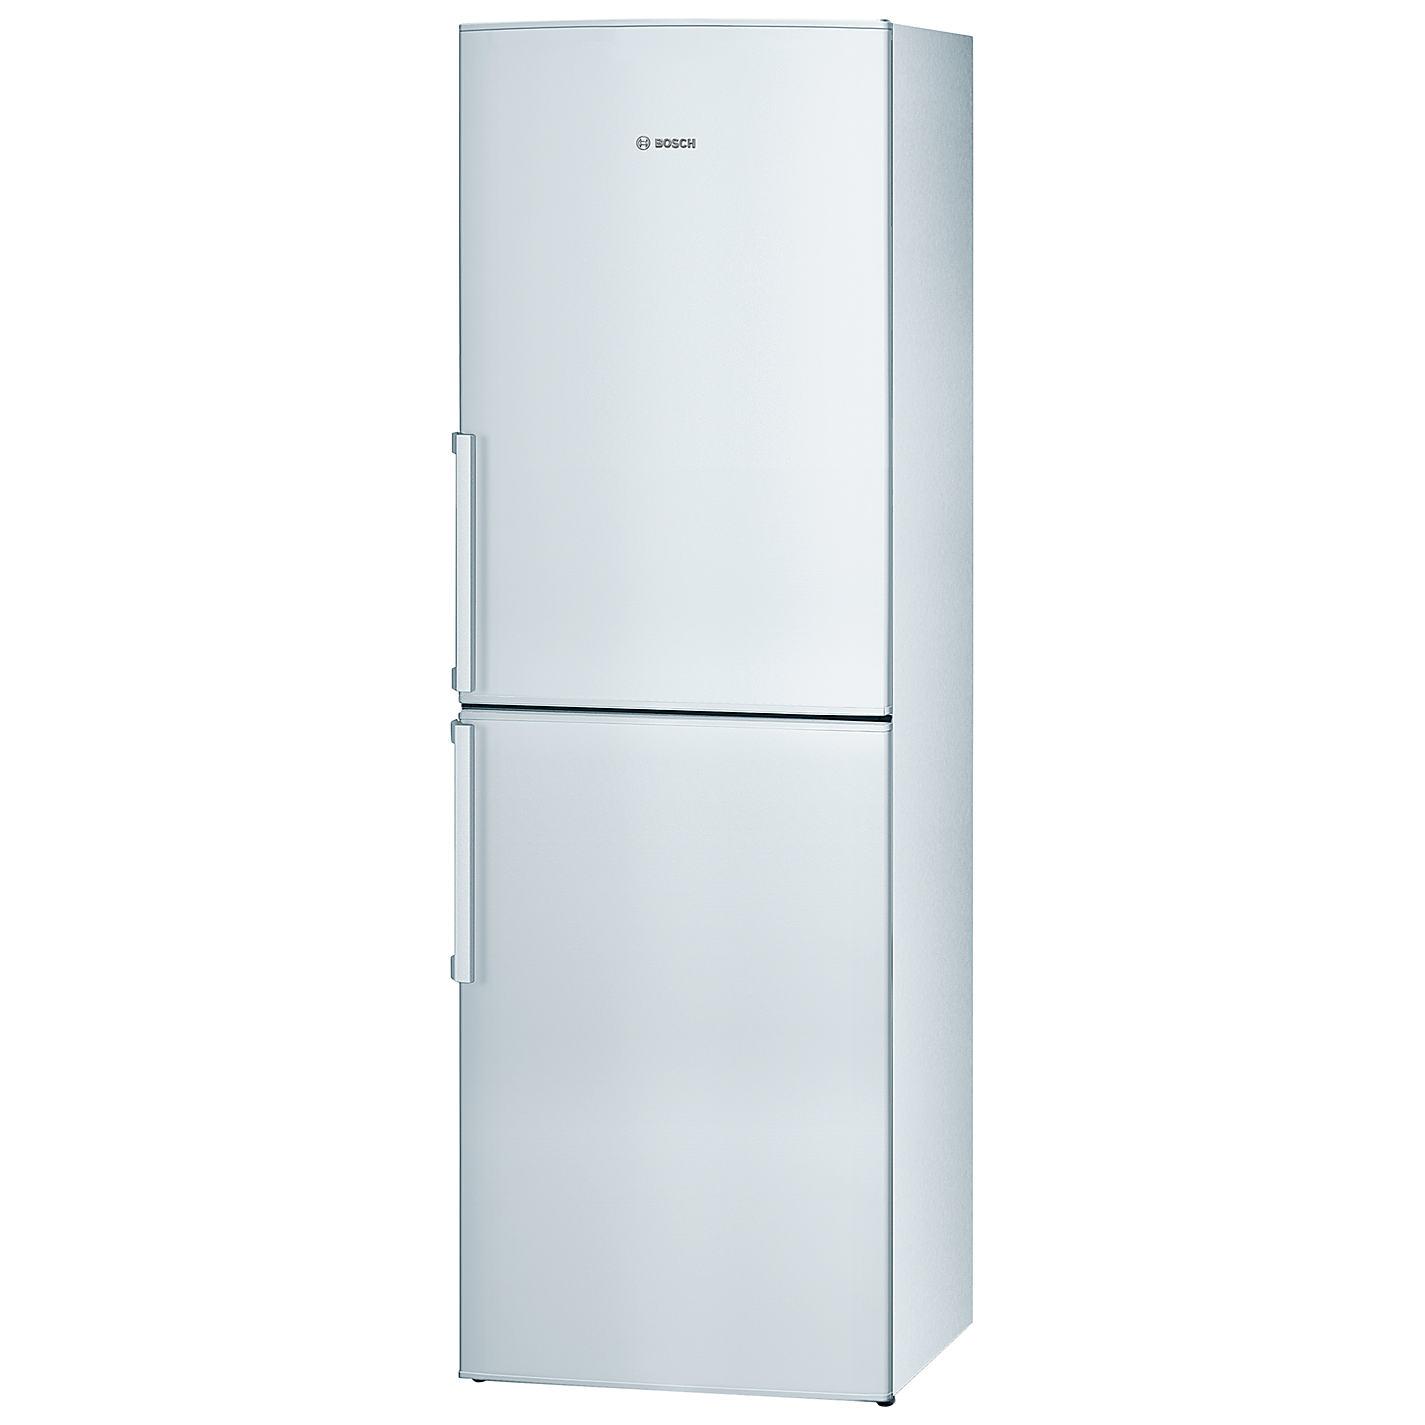 frige-freezer